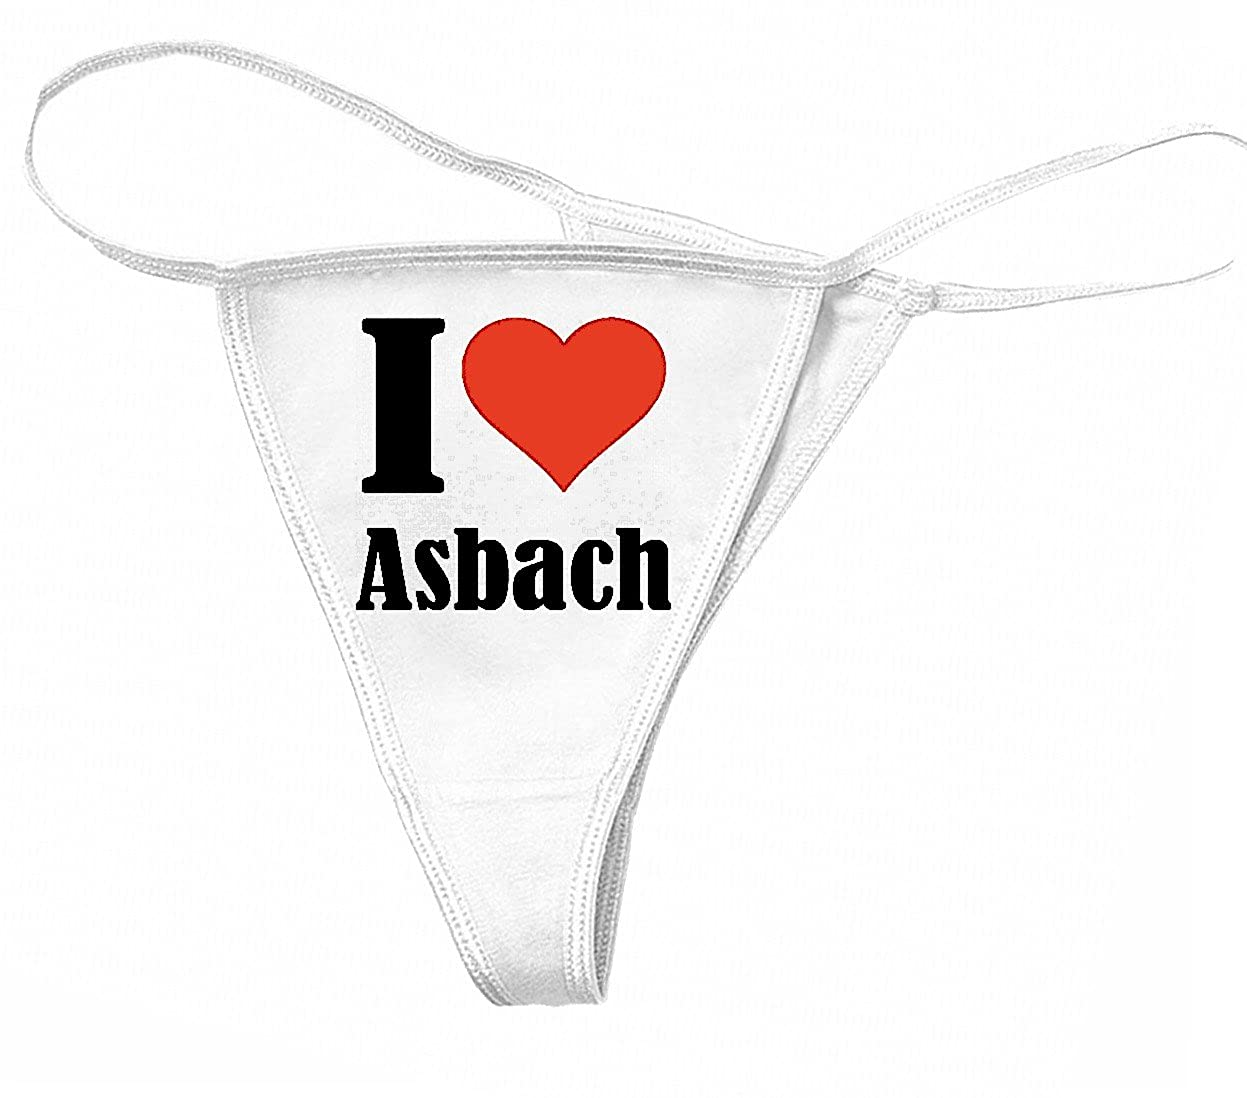 Reifen-Markt Damen String Tanga - Thong I Love Asbach … Das ideale Geschenk für Valentinstag, Weihnachten oder Geburtstag des Partners